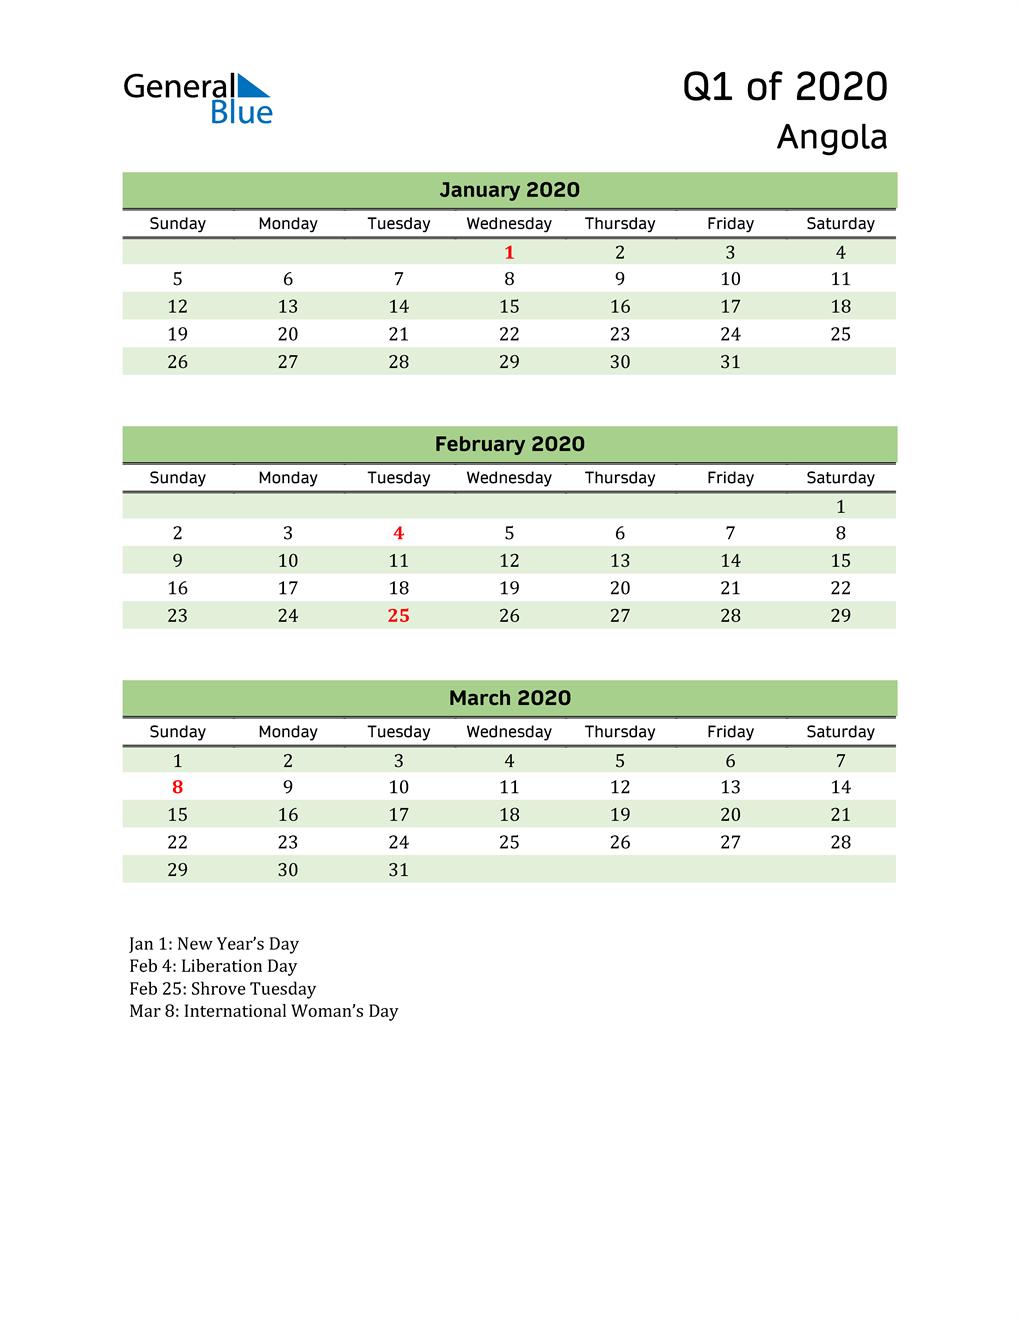 Quarterly Calendar 2020 with Angola Holidays